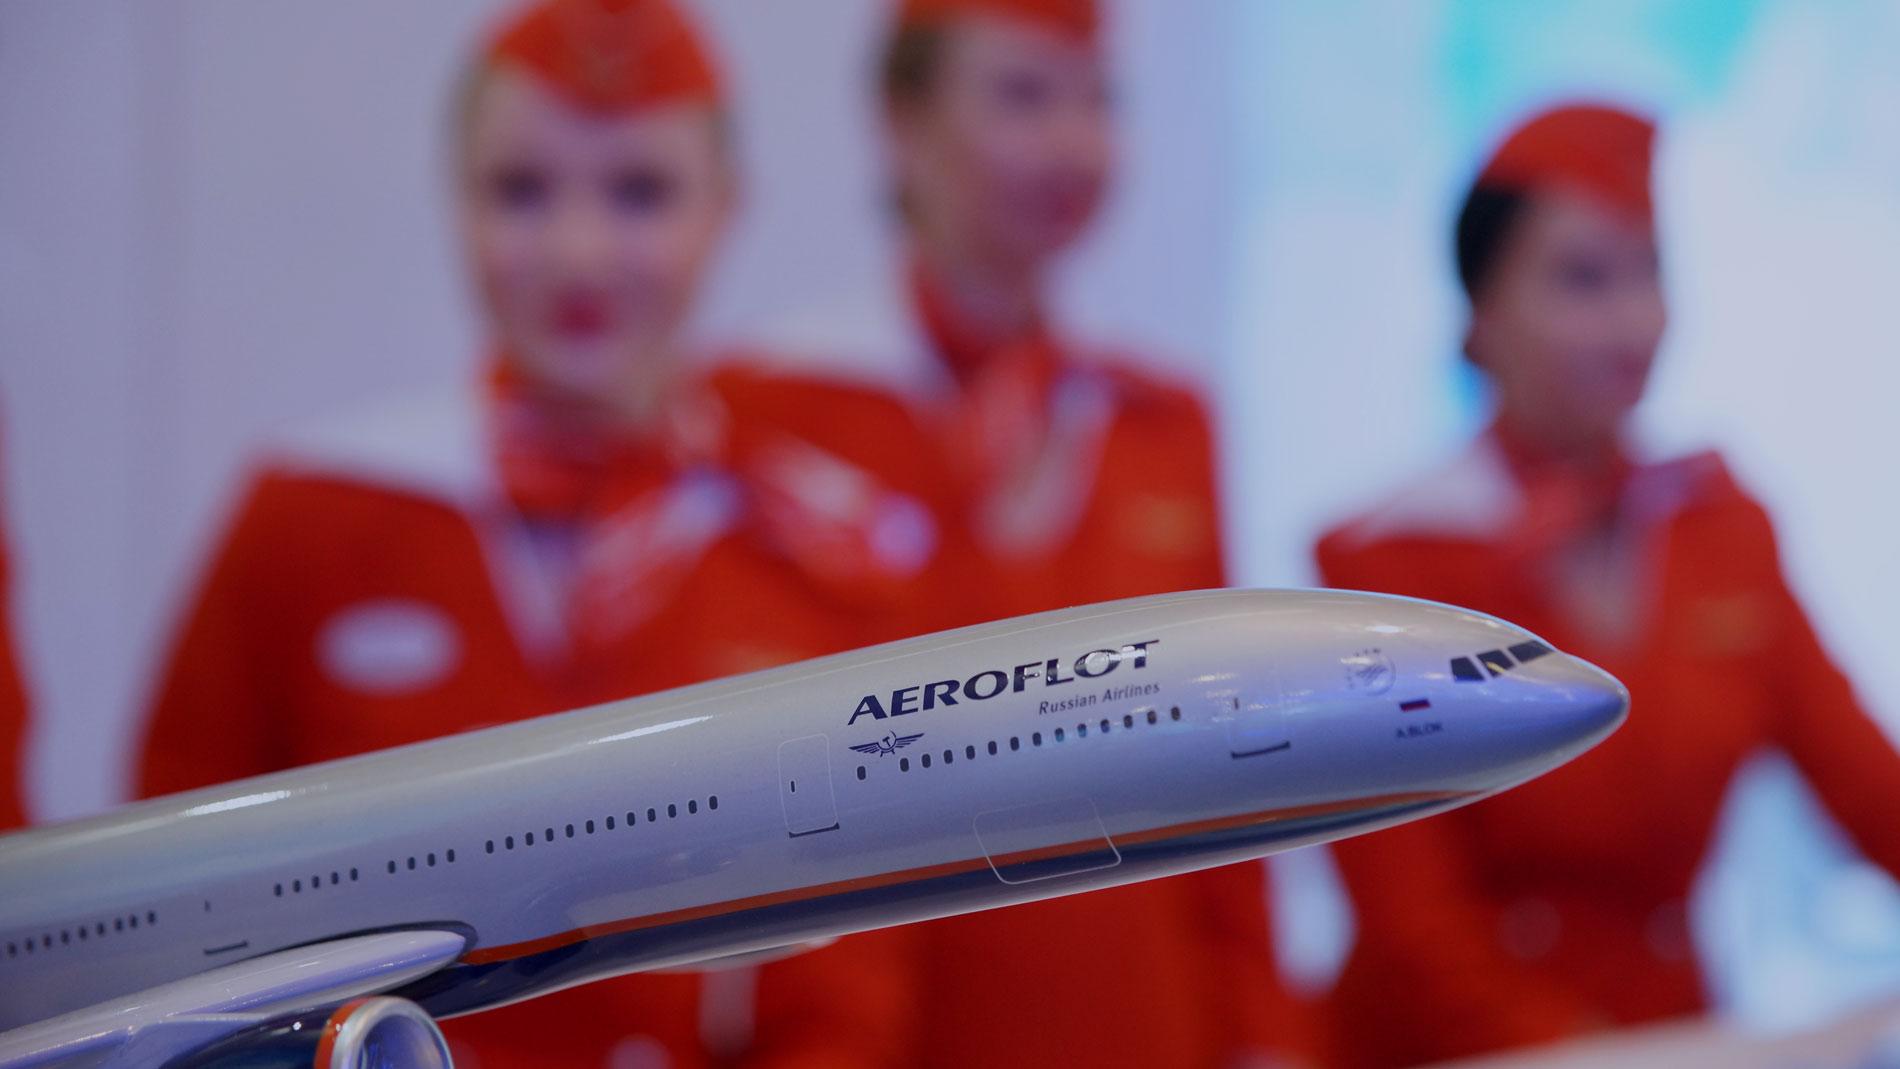 Из пилотов в таксисты: Как Аэрофлот манипулирует выплатами сотрудникам